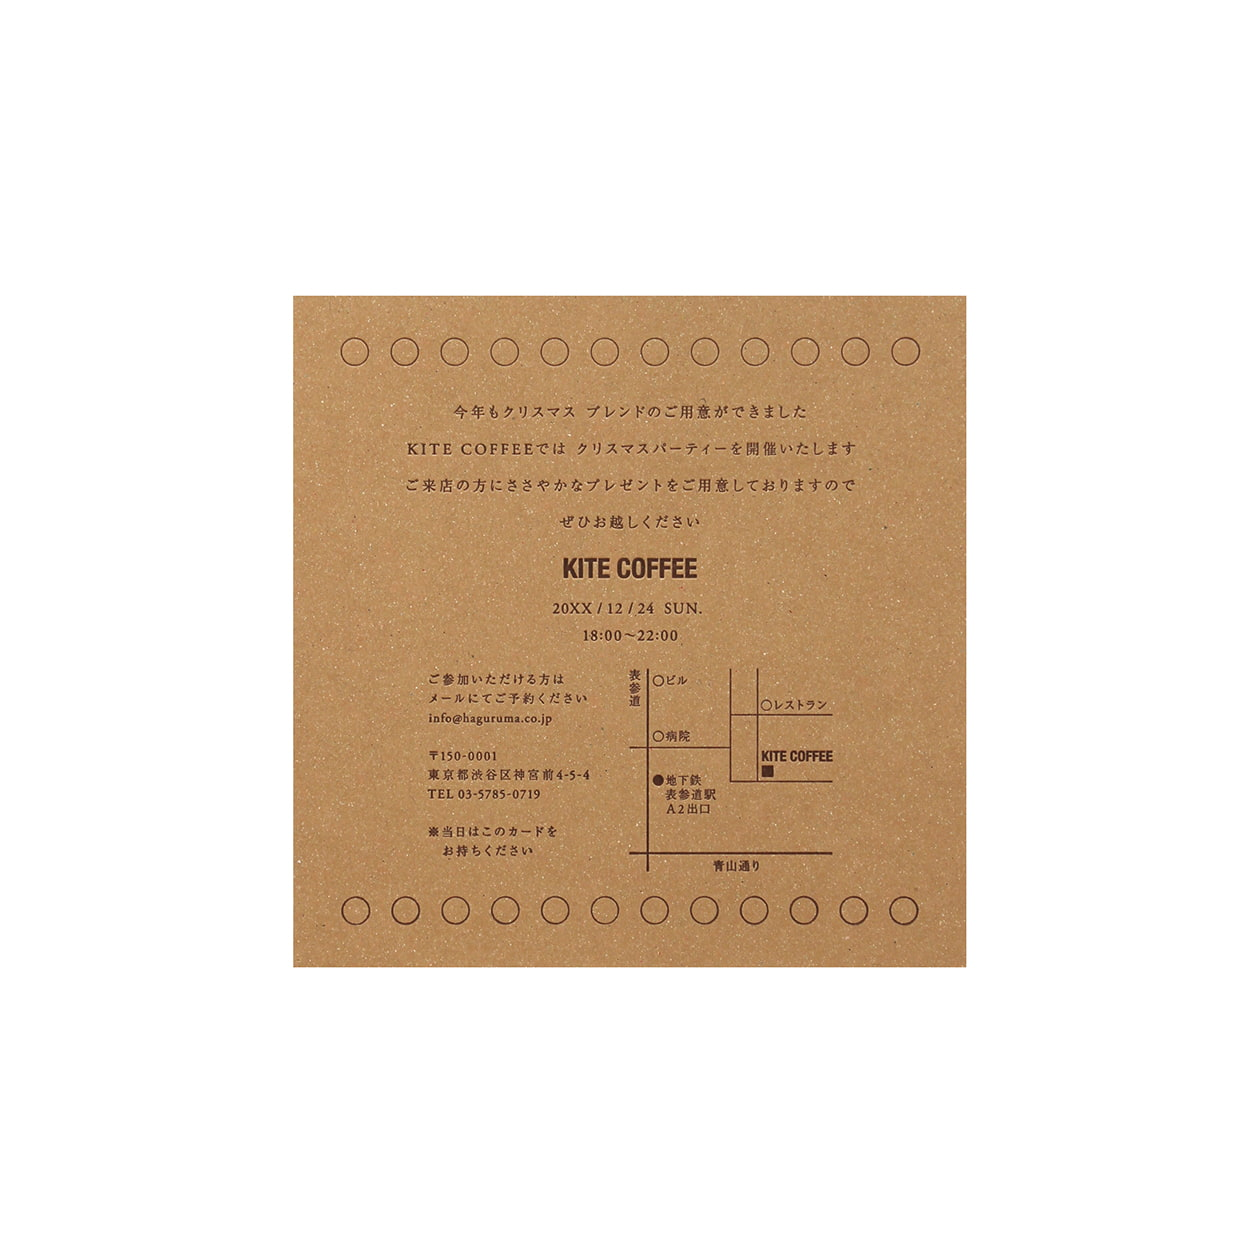 サンプル カード・シート 00209